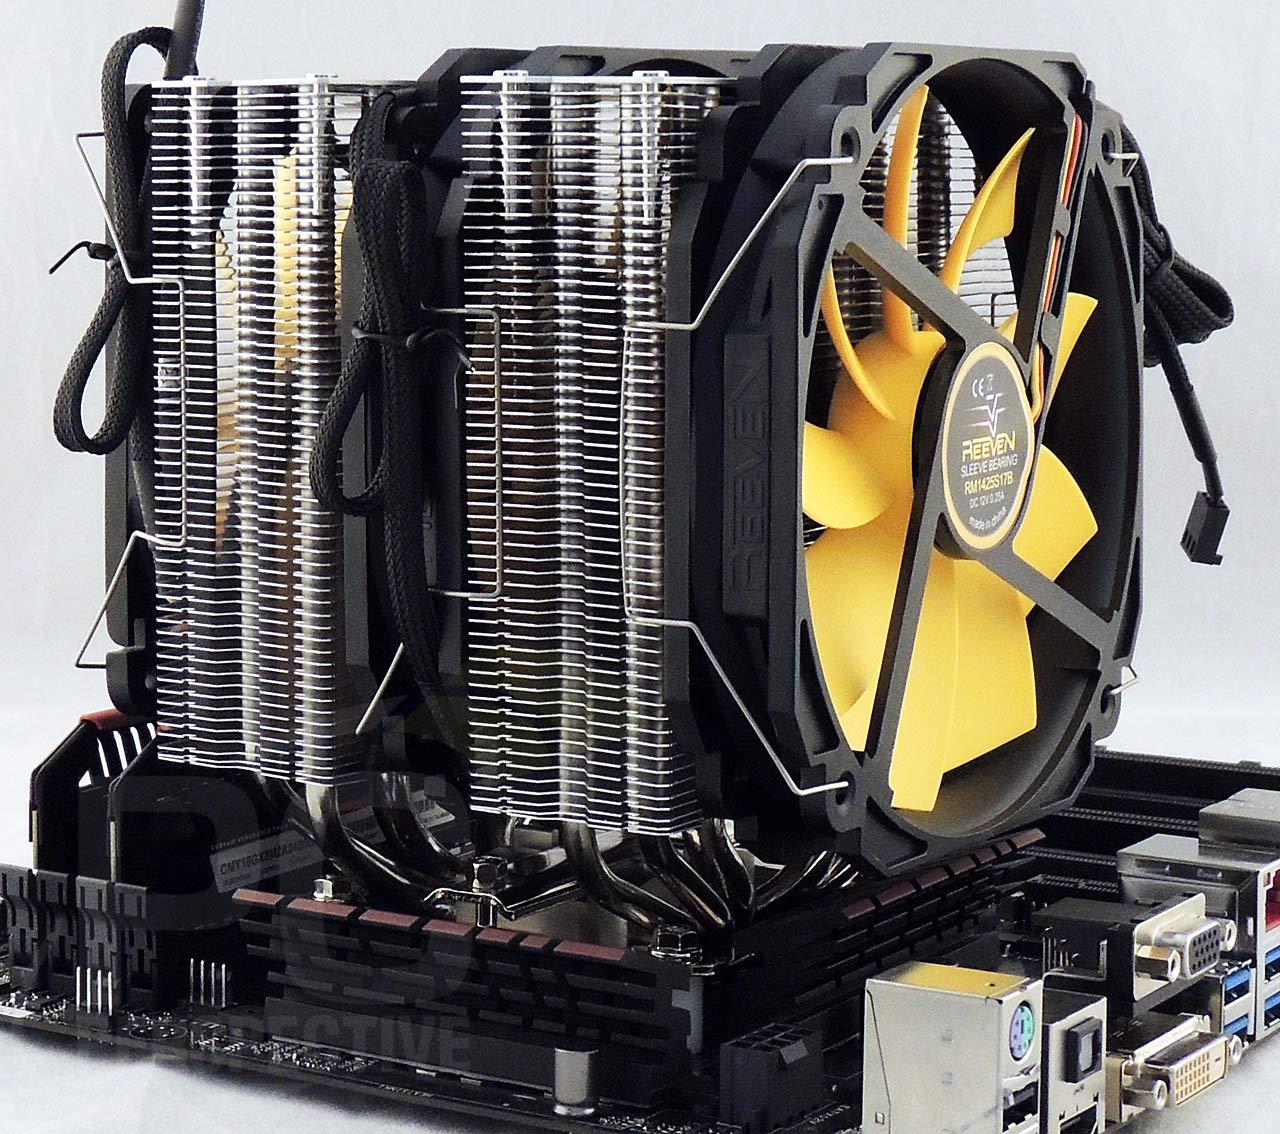 19-board-z97-cooler-3fans-back-profile.jpg